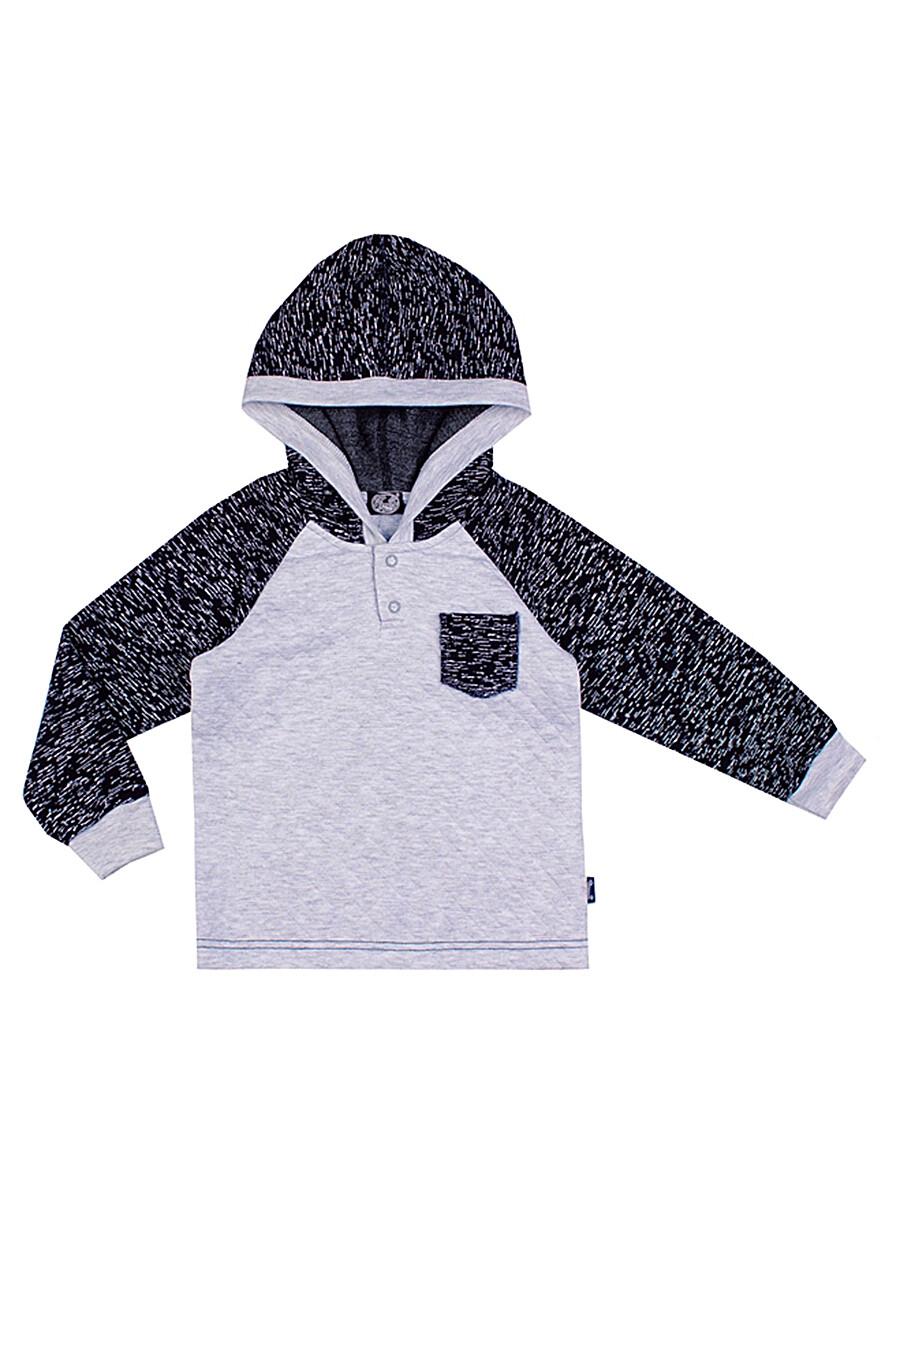 Толстовка  для мальчиков АПРЕЛЬ 699882 купить оптом от производителя. Совместная покупка детской одежды в OptMoyo